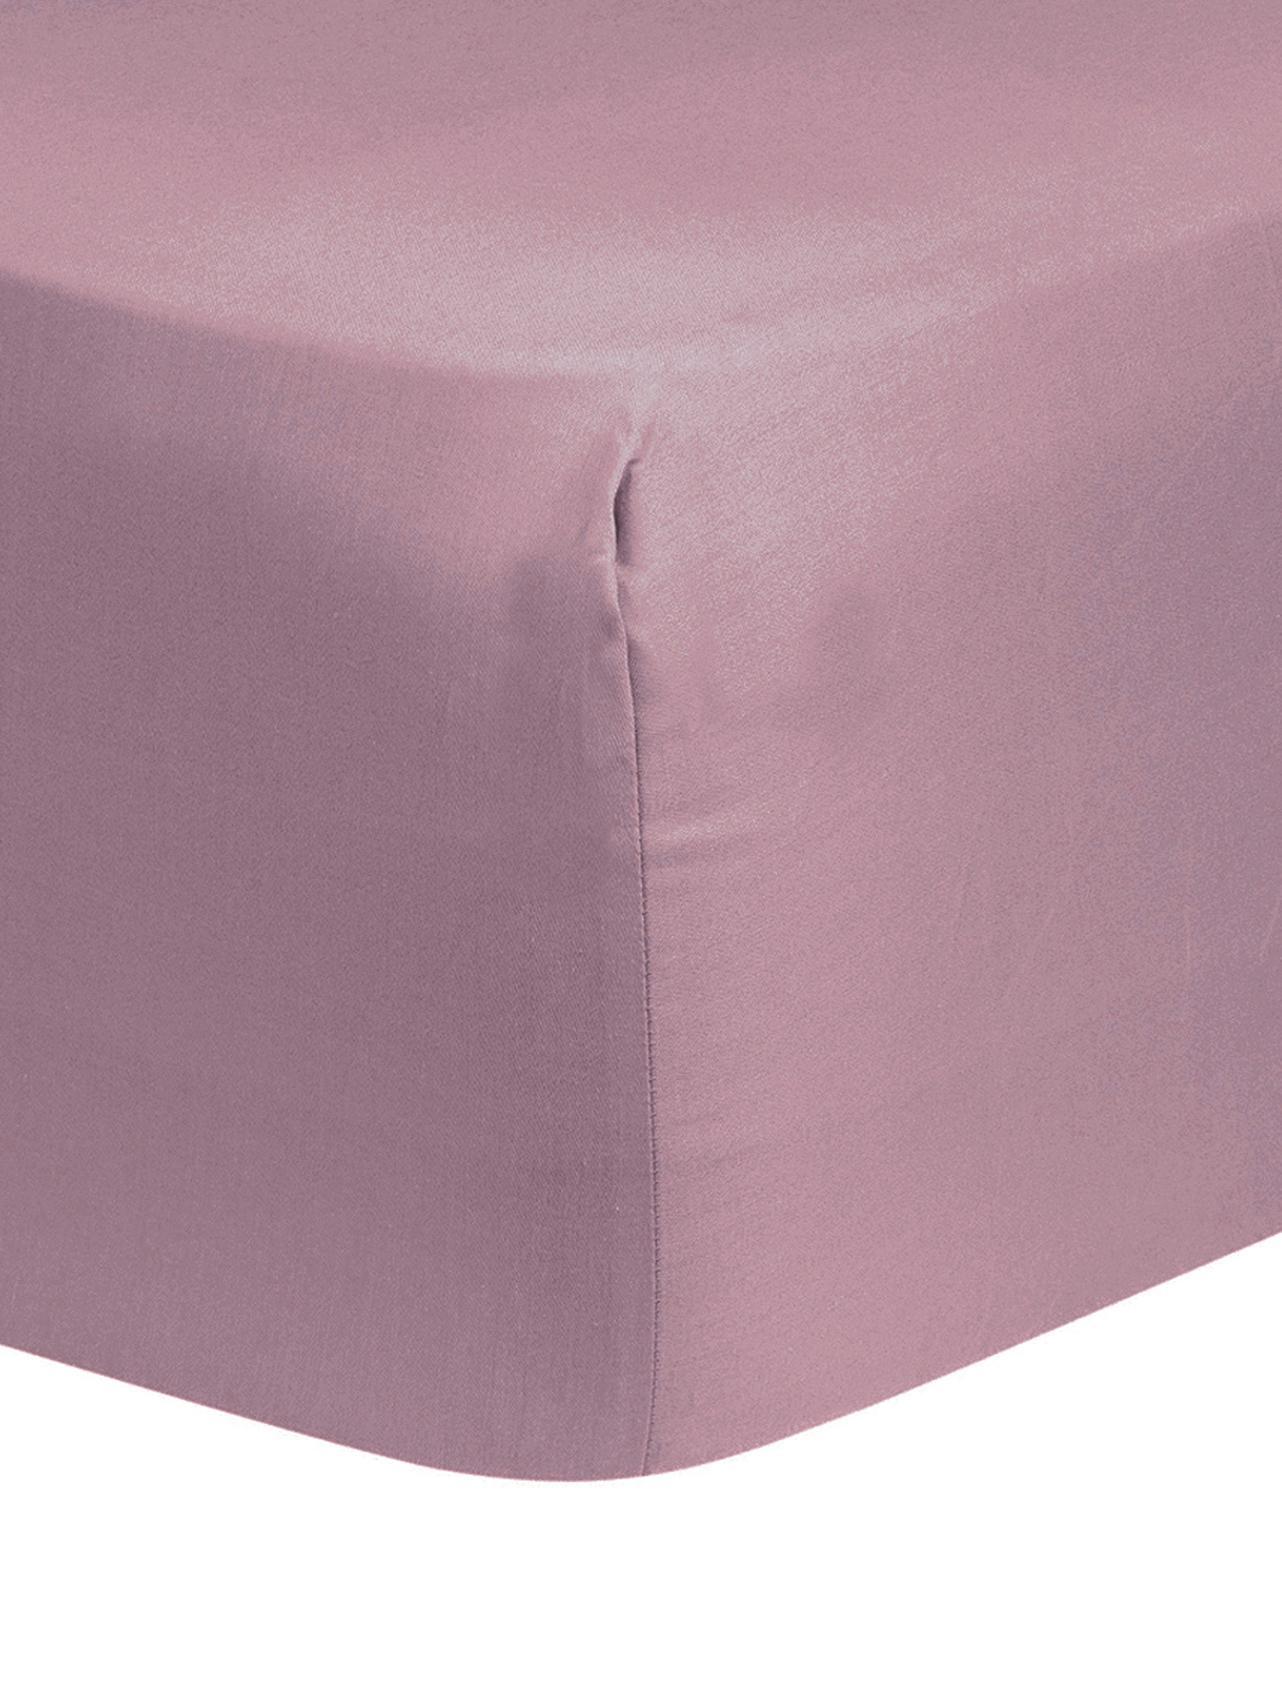 Katoensatijnen hoeslaken Comfort, Weeftechniek: satijn, licht glanzend, Mauve, 90 x 200 cm